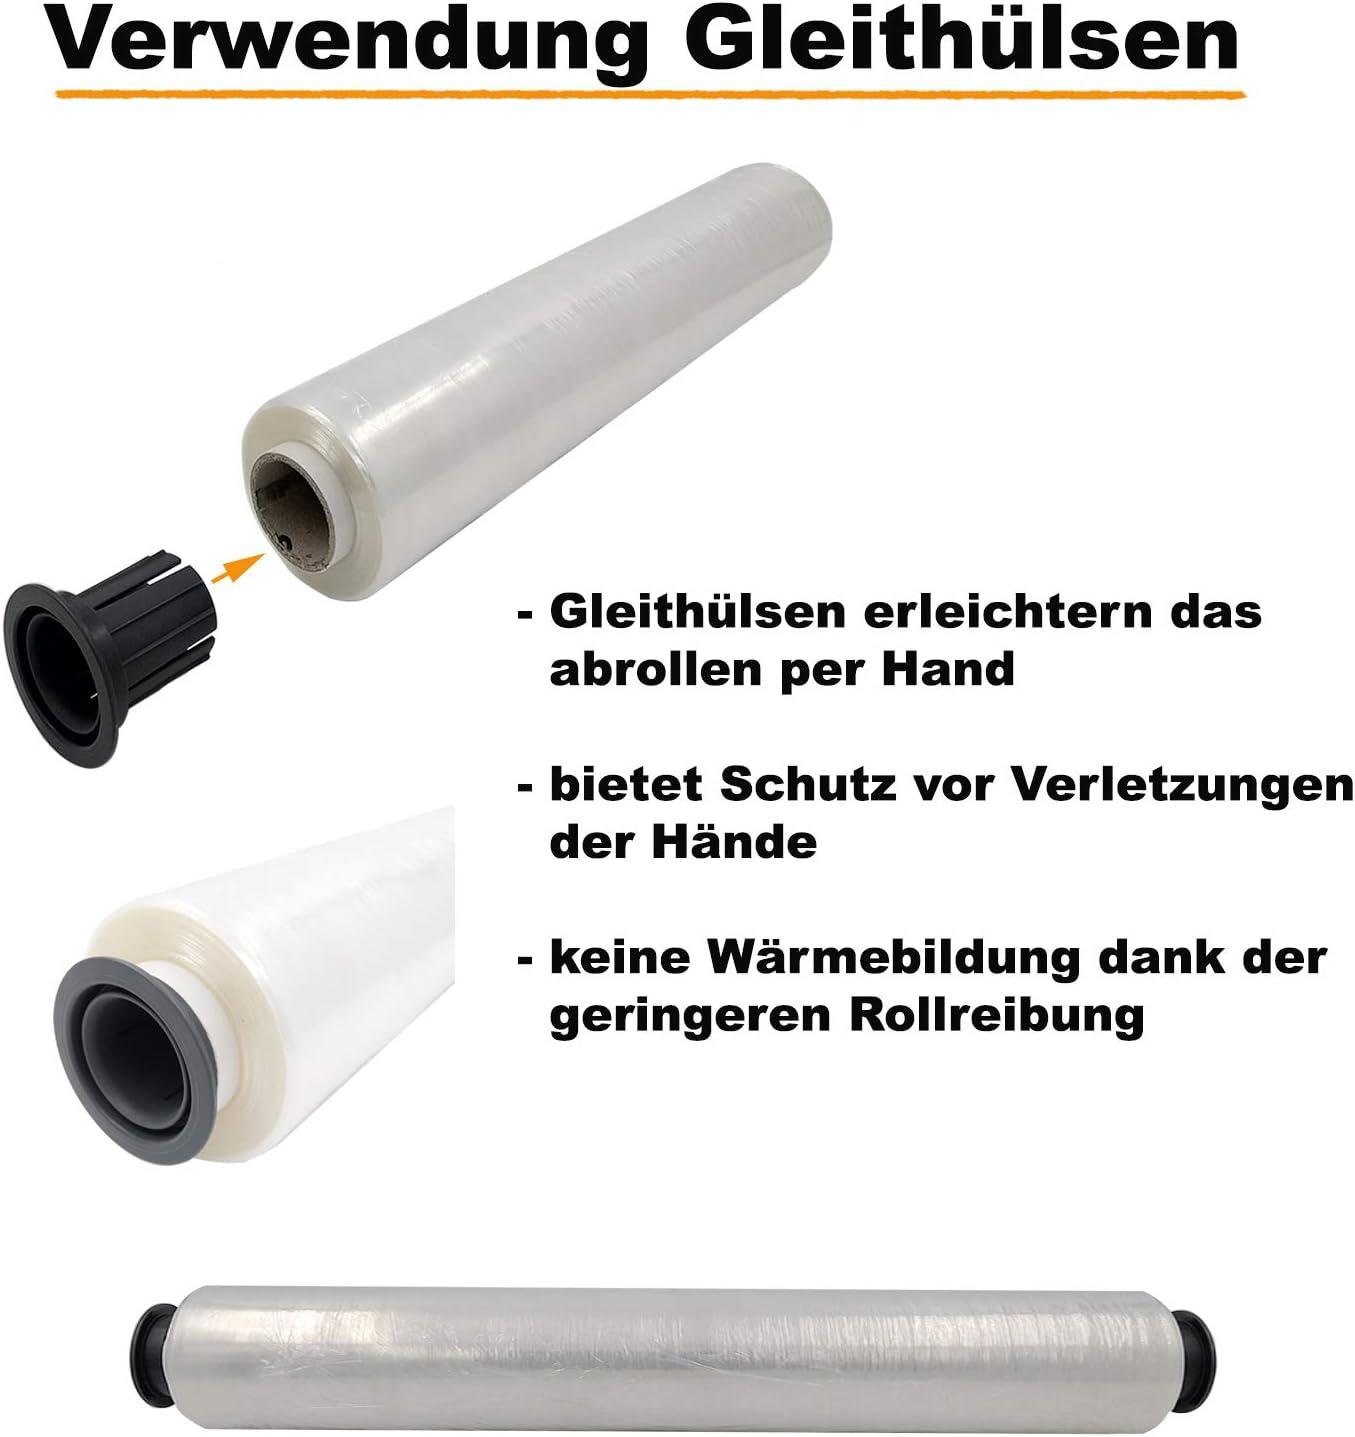 Verpacking Stretchfolie 17 my transparent 500mm x 300m 1 Rolle rei/ßfeste Umzugsfolie 1 Abroller rei/ßfeste Umzugsfolie